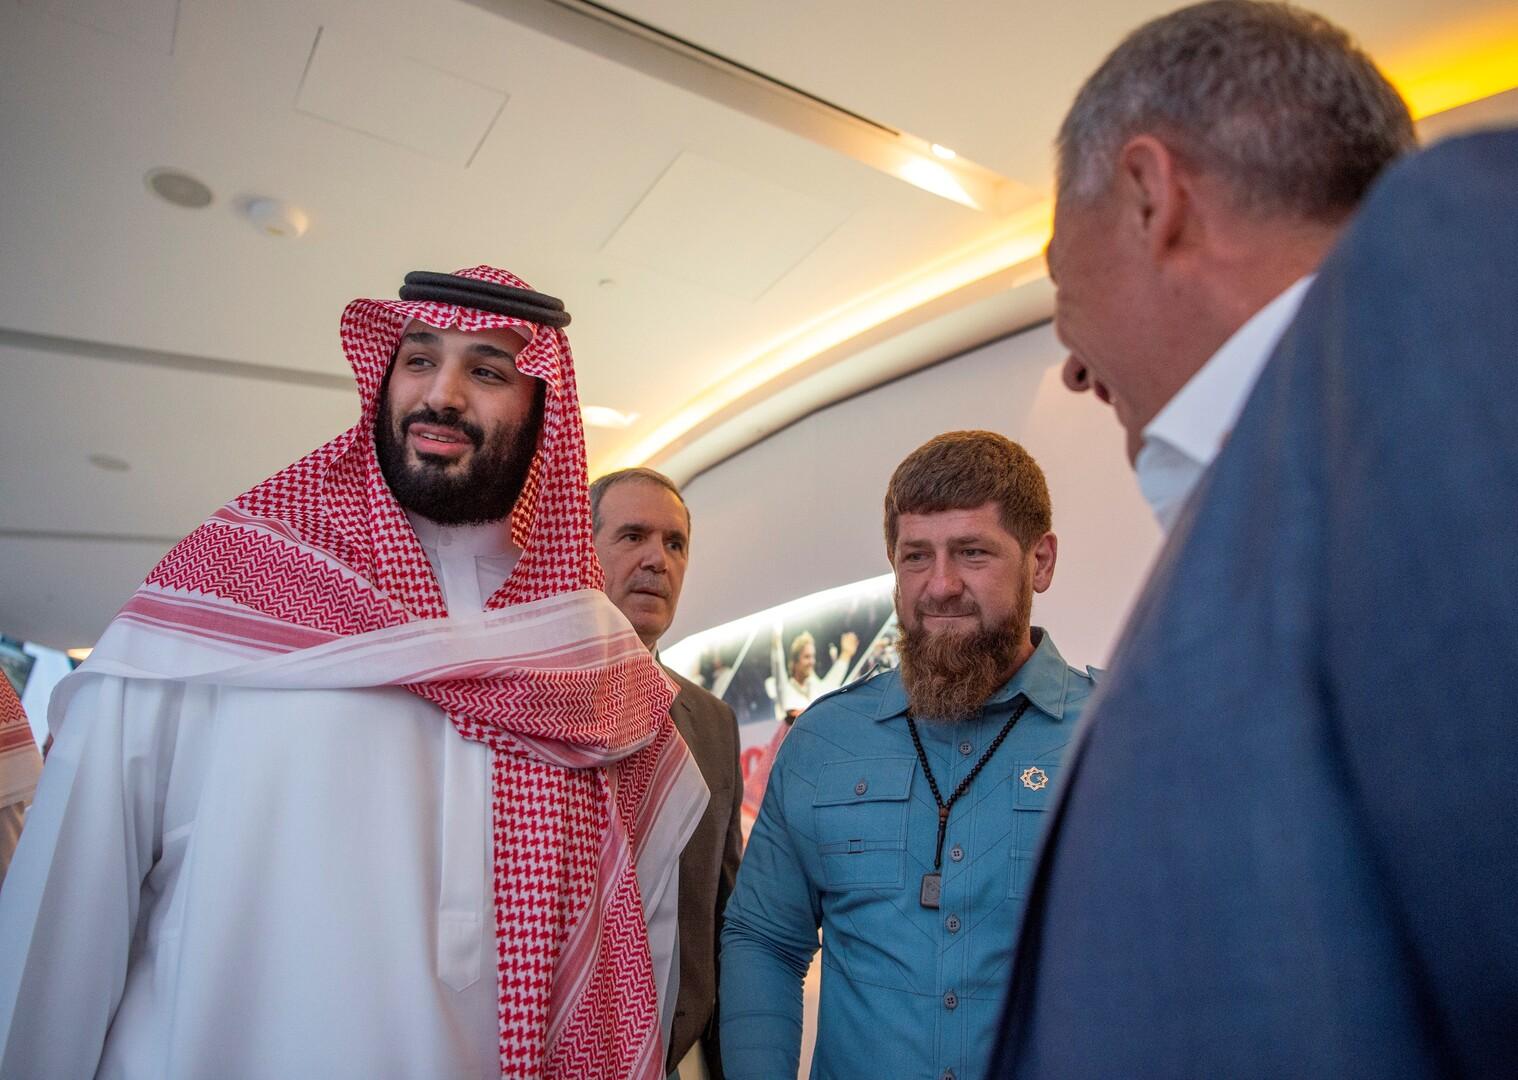 صورة من الأرشيف - رئيس جمهورية الشيشان وولي العهد السعودي